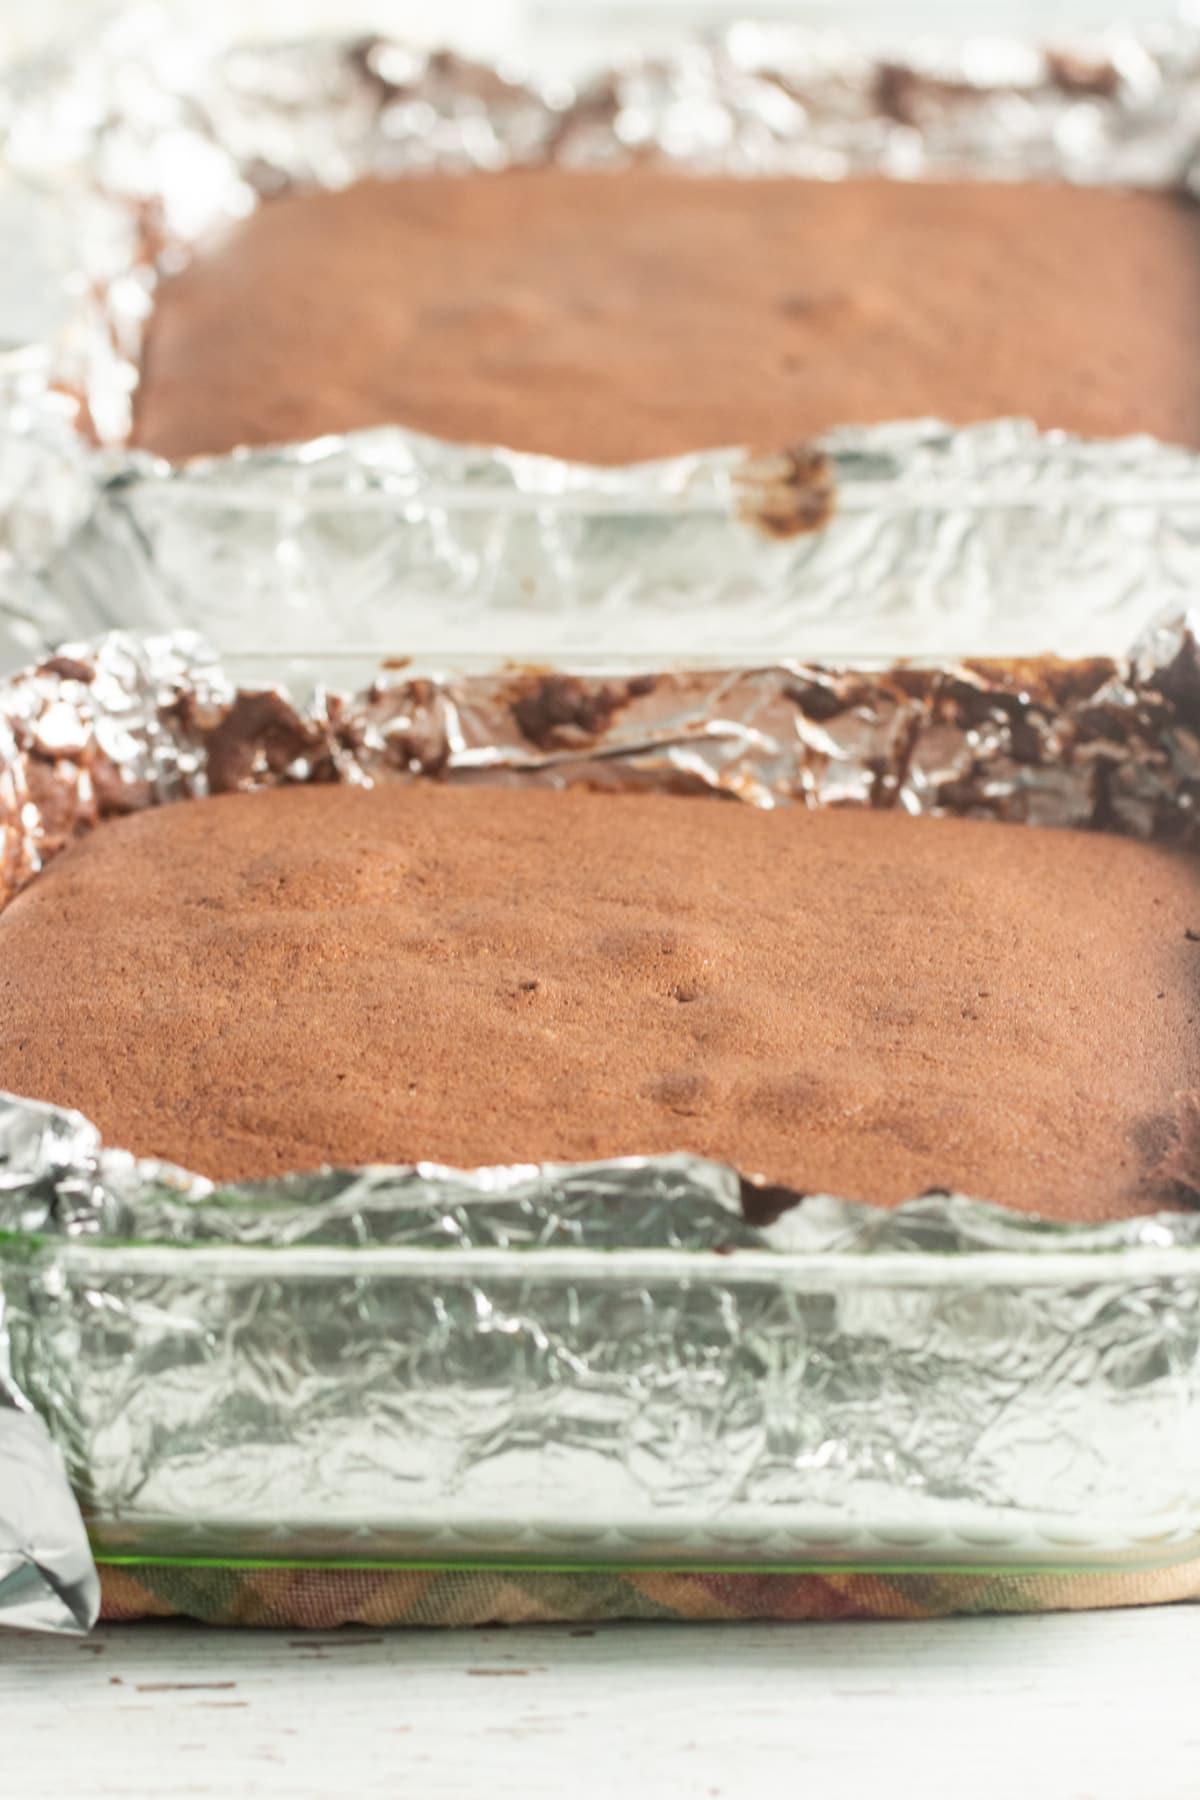 Batter for Mississippi Mud Cake in pans